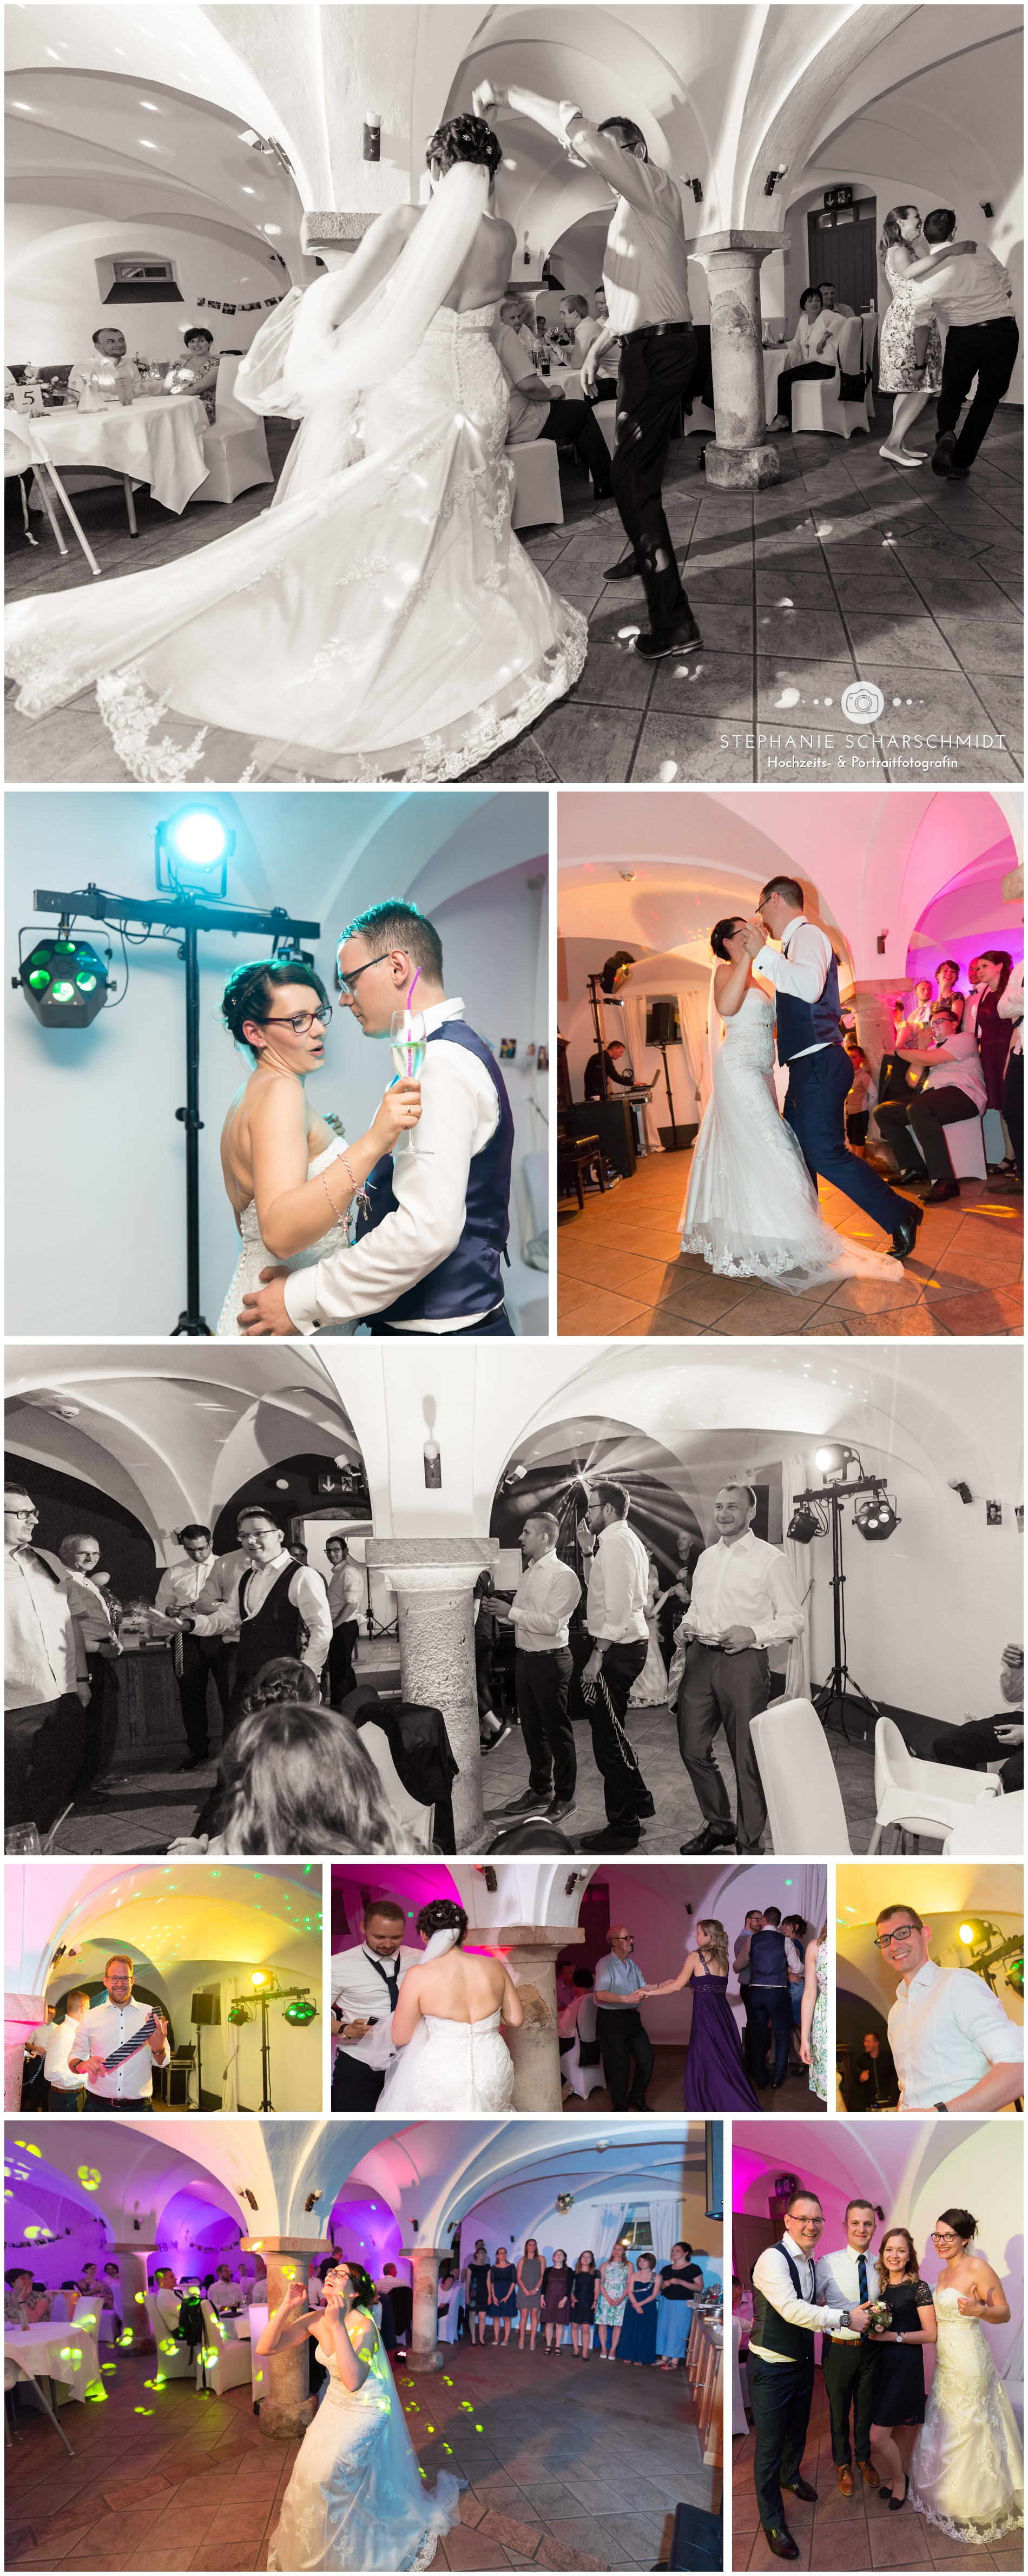 Fotobox Zwickau – Hochzeitsfotograf Stephanie Scharschmidt